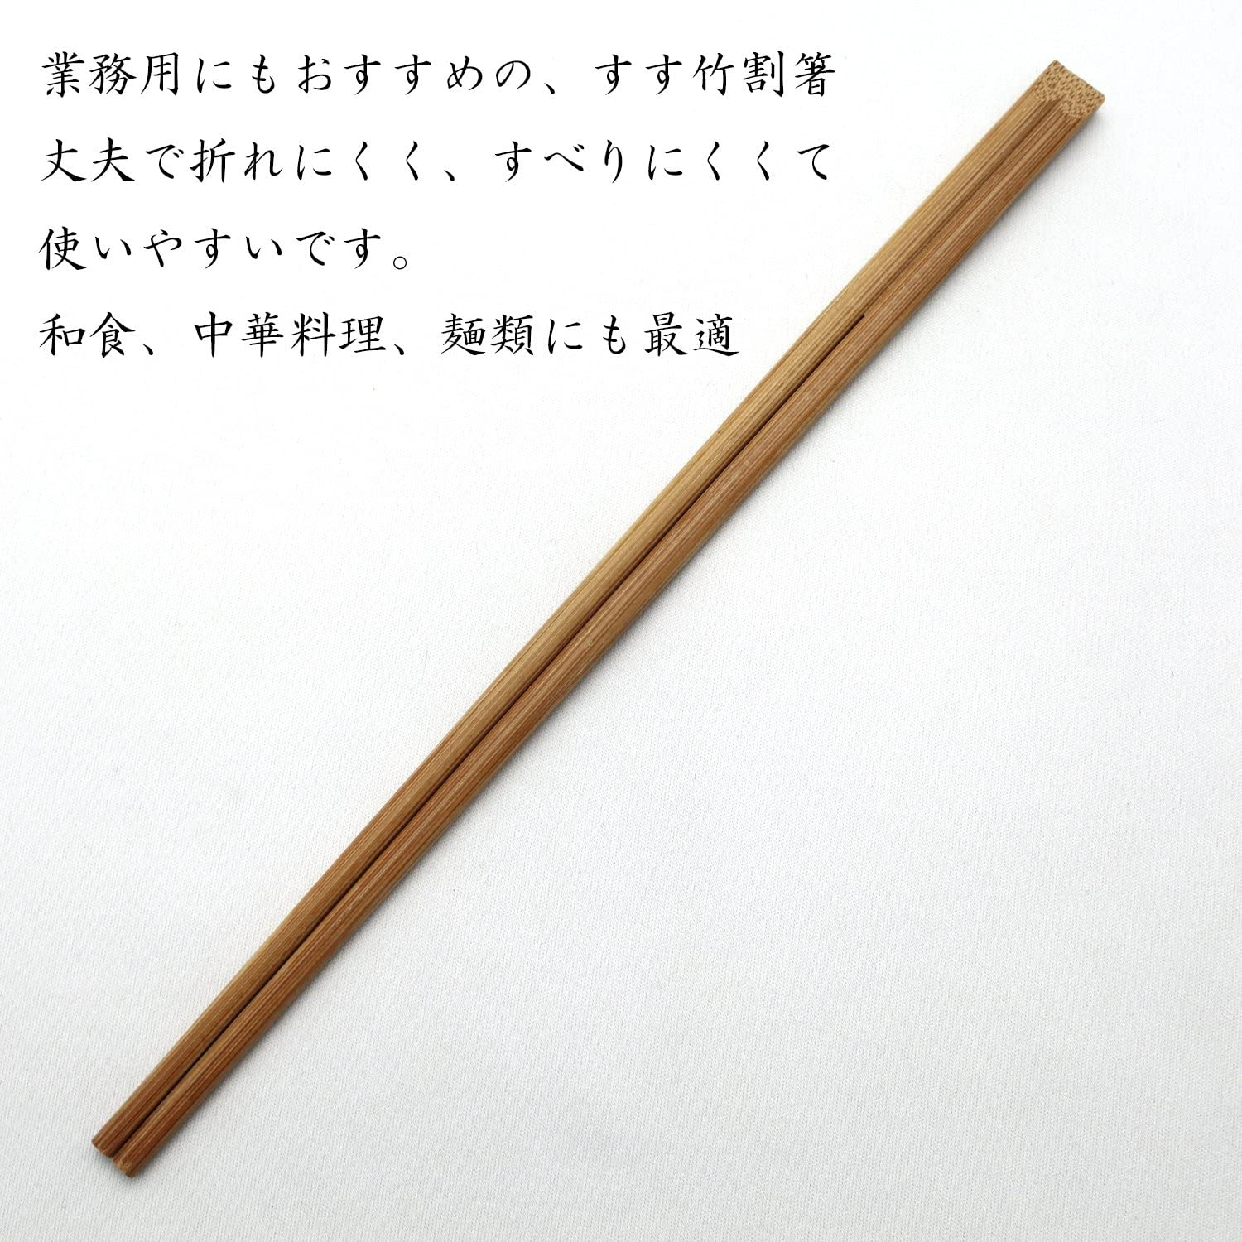 中村(なかむら)割り箸 すす竹 天削 100膳 24cmの商品画像3